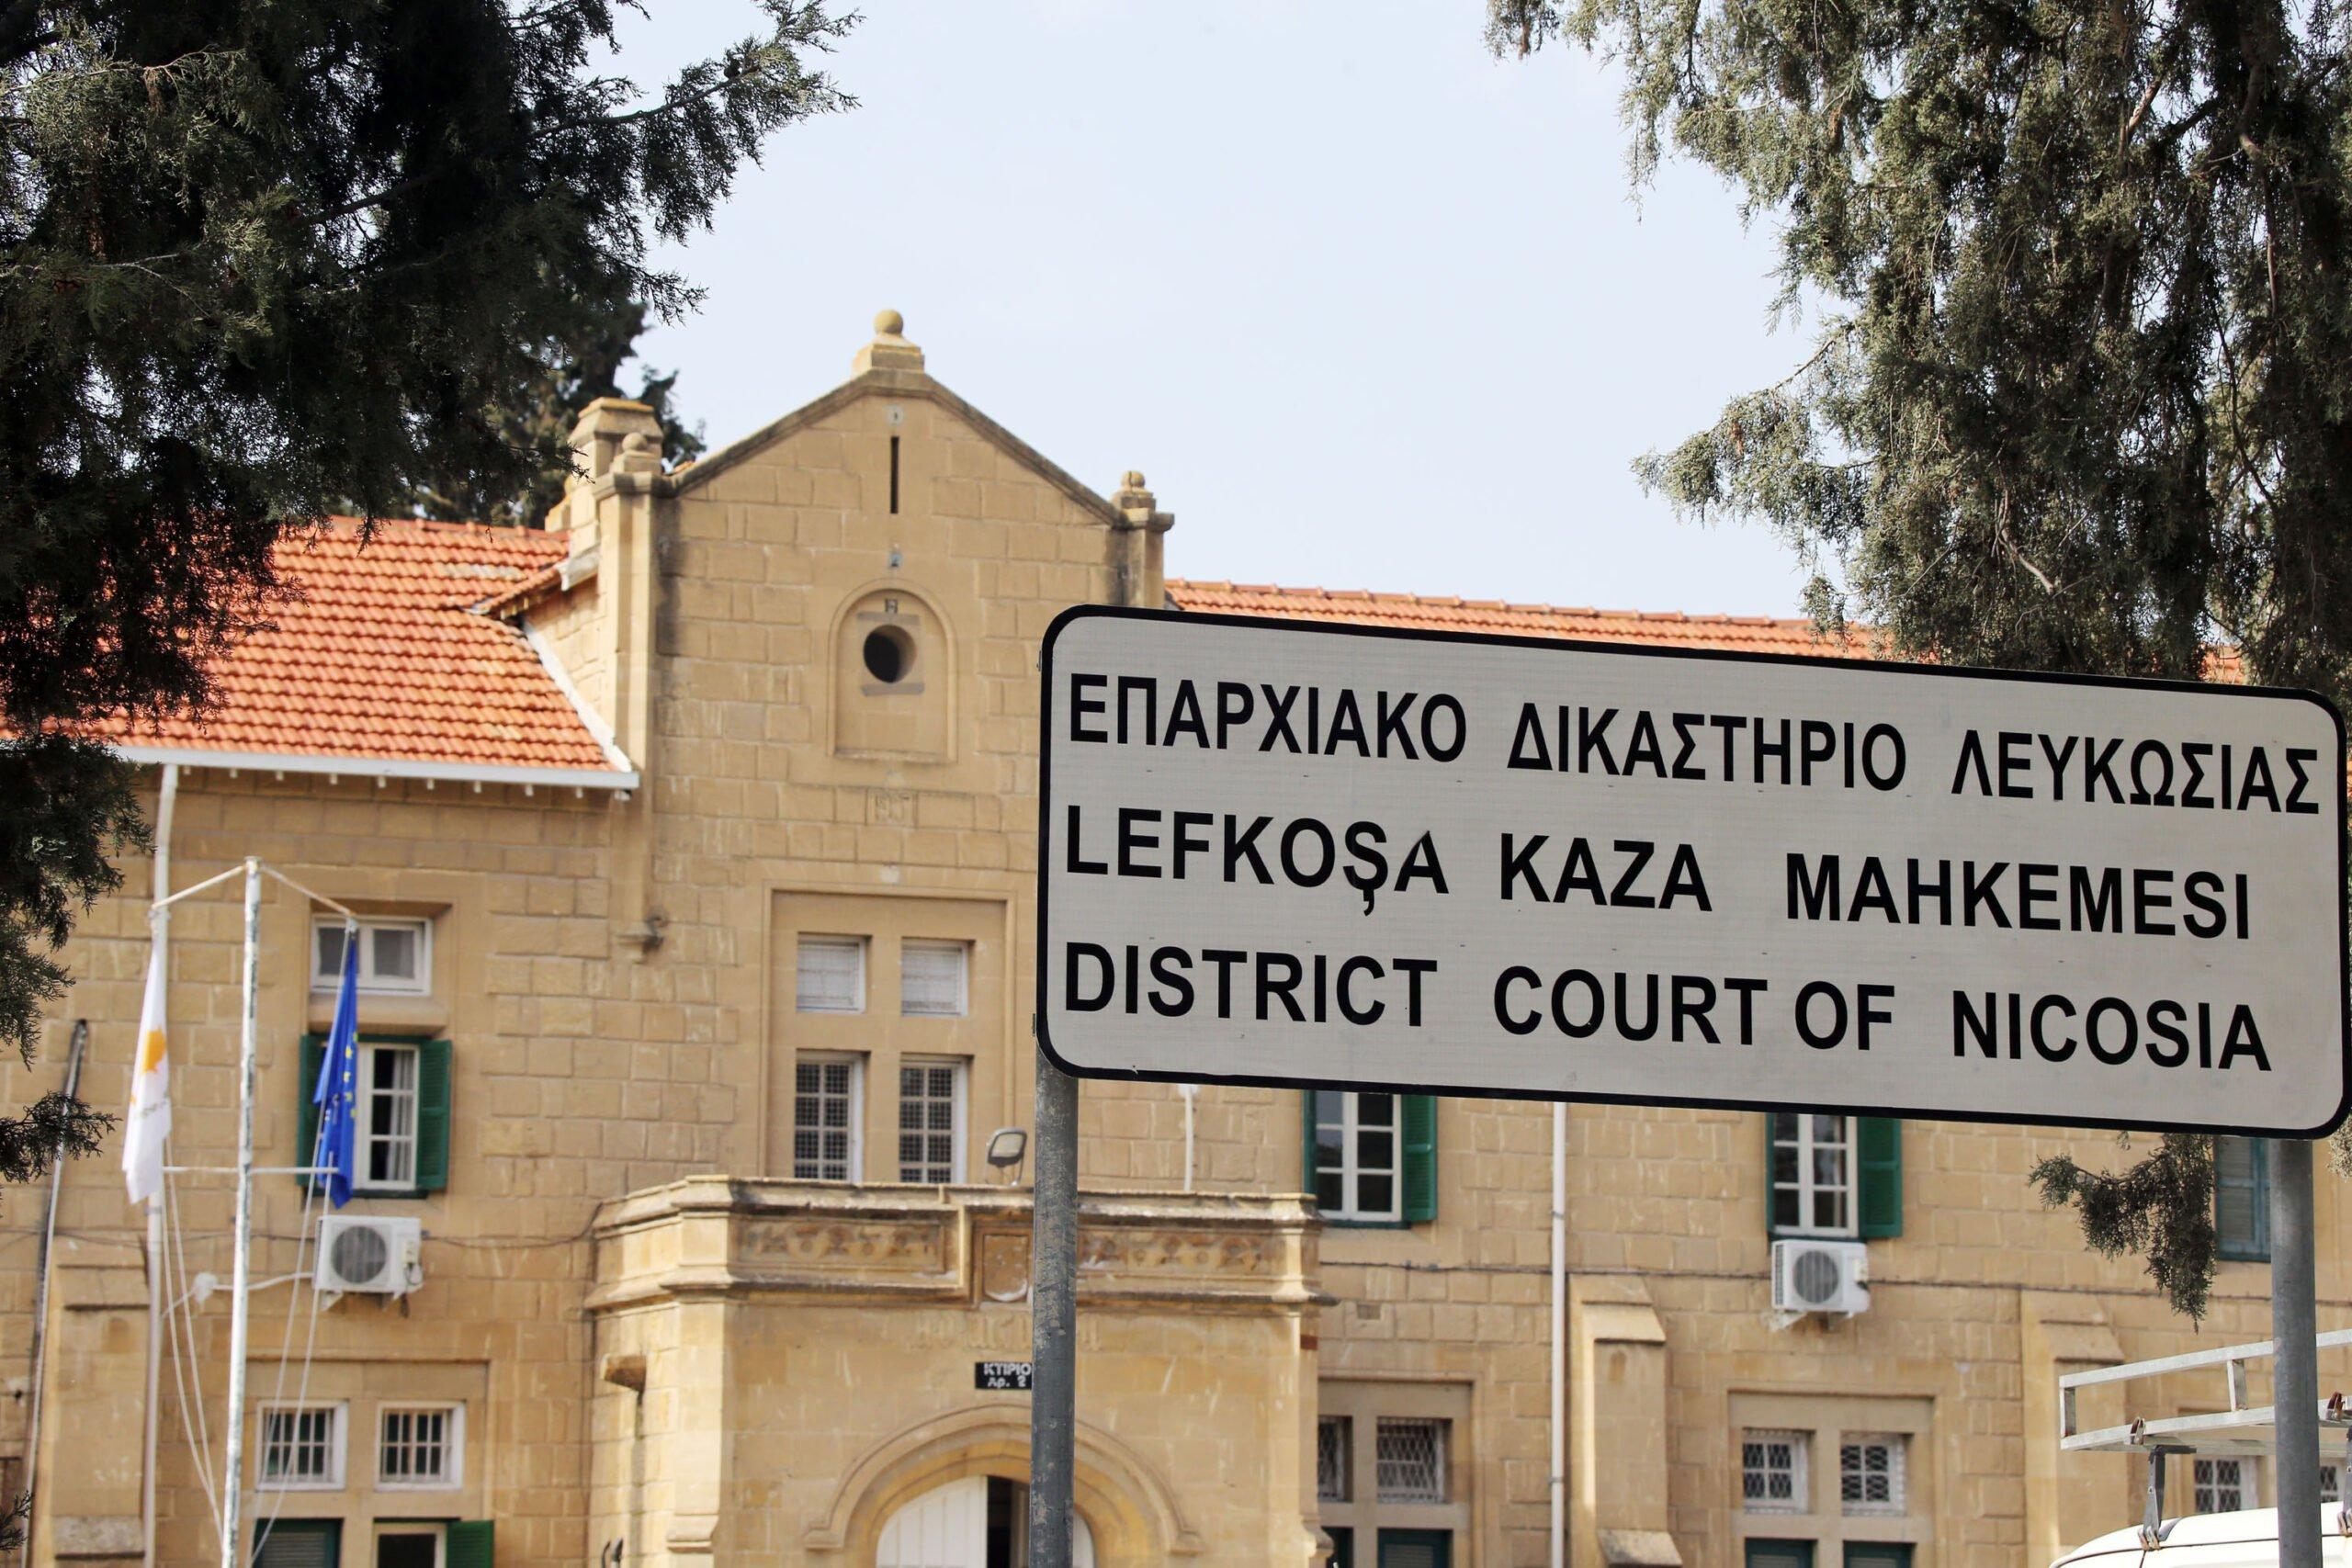 Coronavirus: Πρόκληση δικαστηρίου για τη νομιμότητα των διατάξεων Covid-19